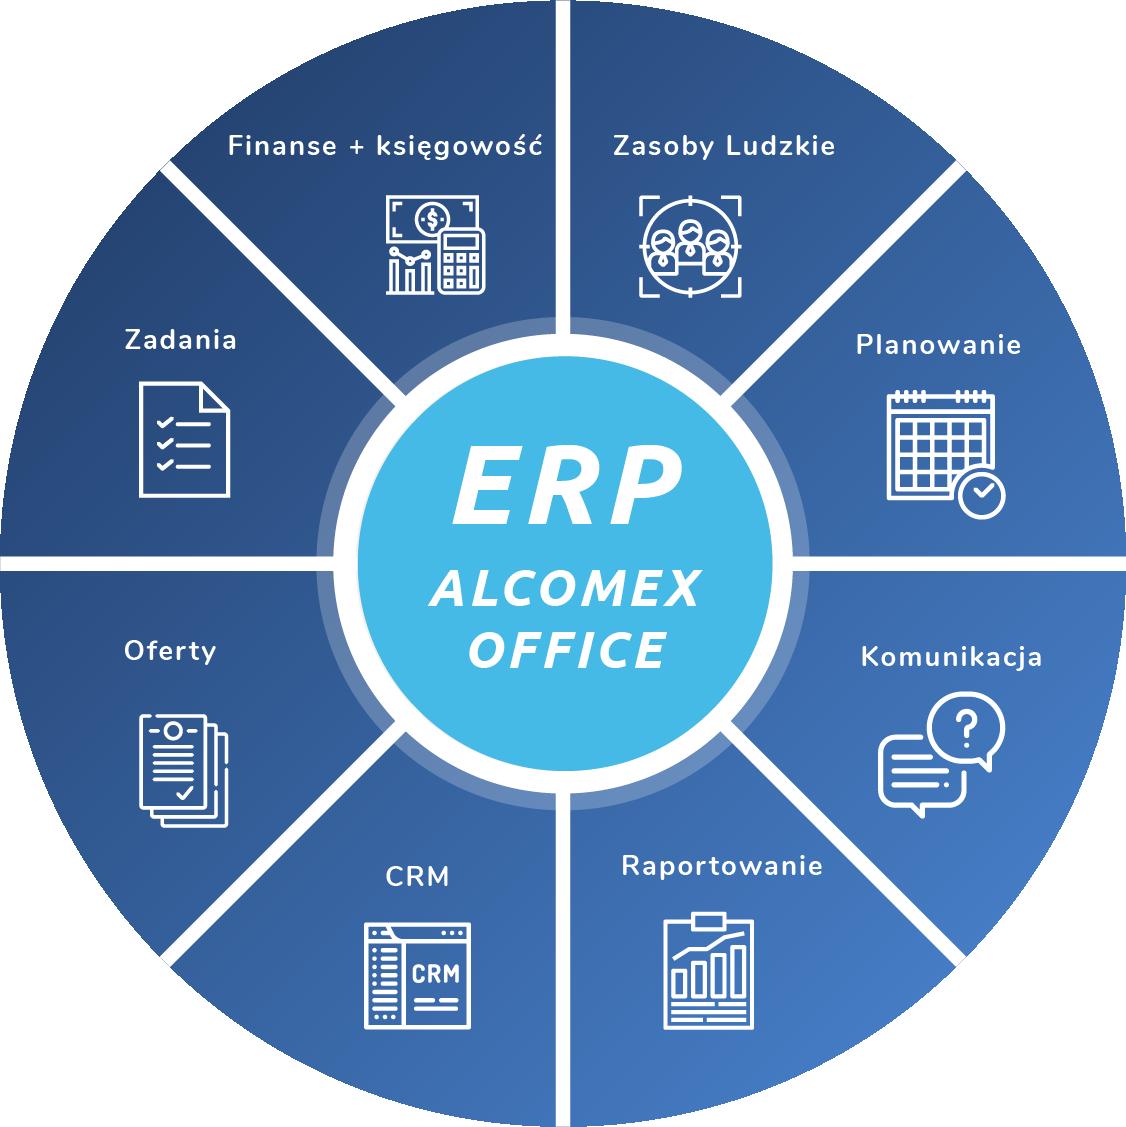 Moduły systemu ERP Alcomex Office: Zasoby Ludzkie, Planowanie, Komunikacja, Raportowanie, CRM, Oferty, Zadania, Finanse + Księgowość